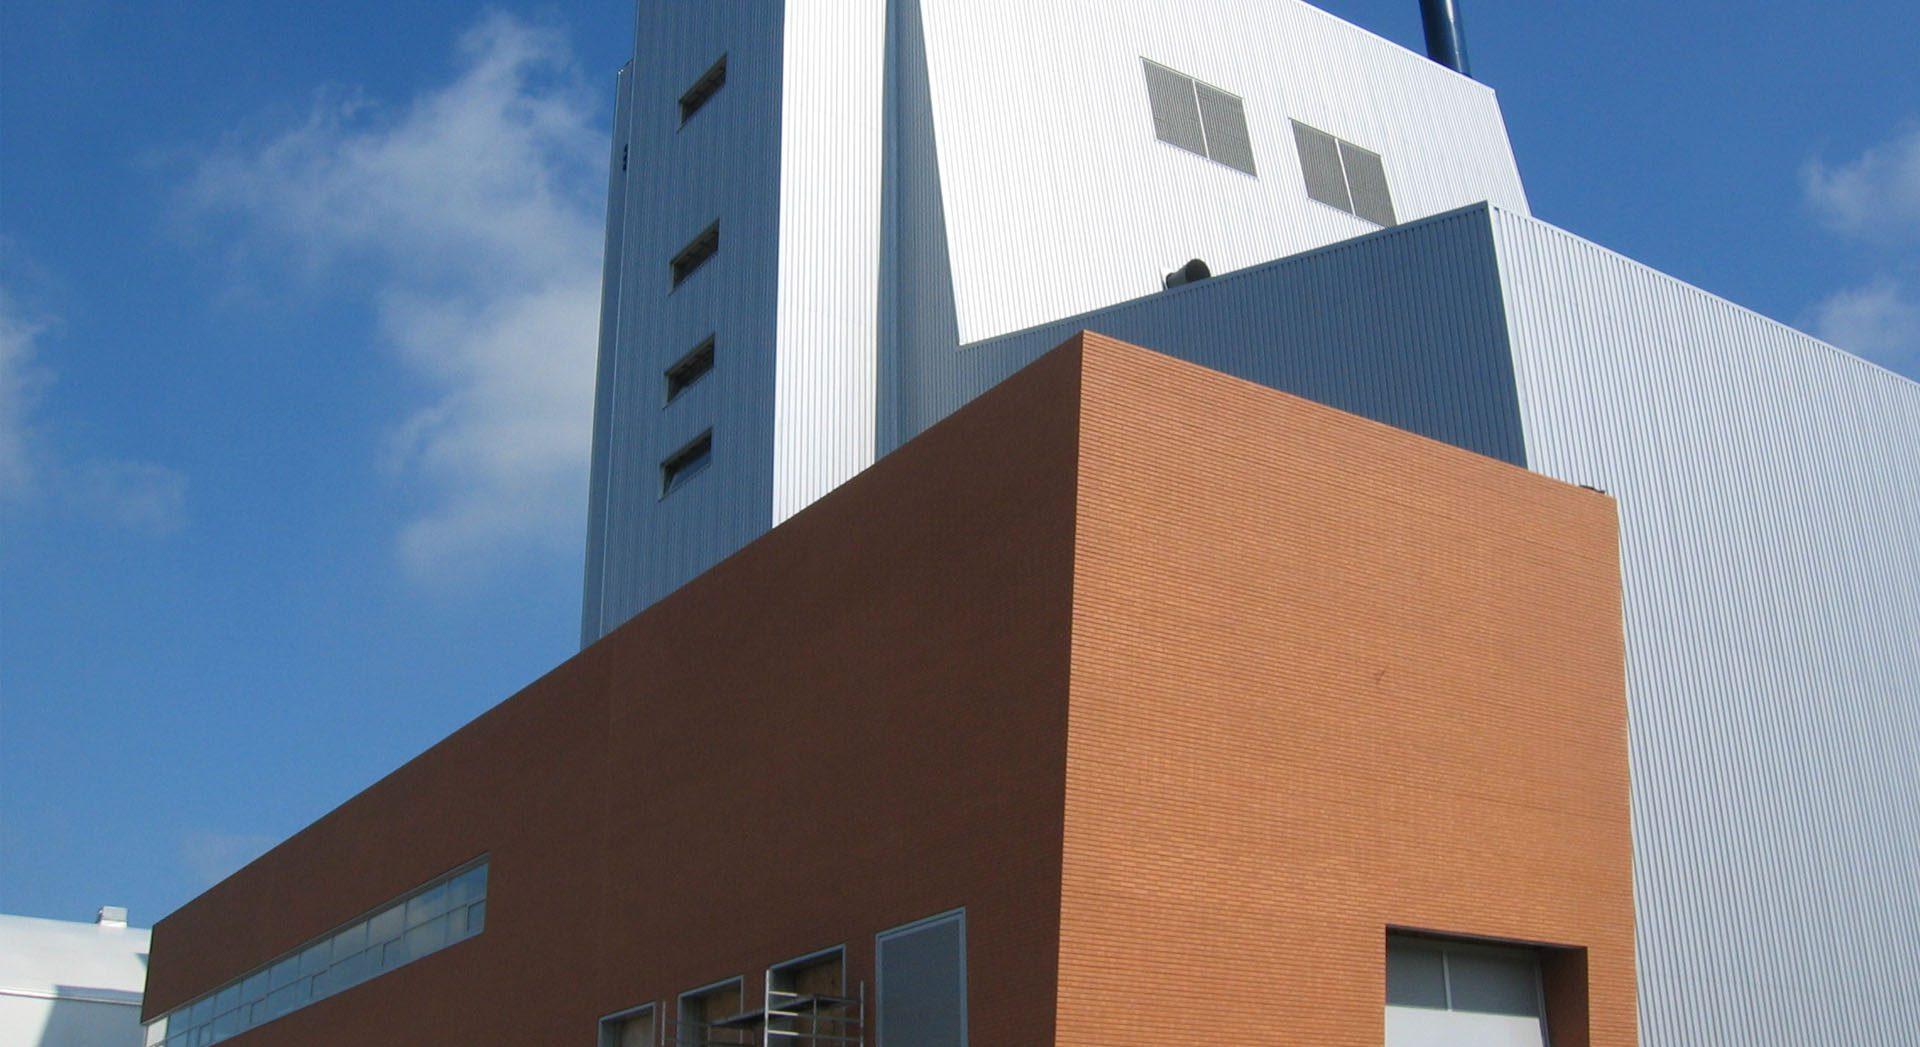 Industriearchitektur; Gewerbearchitektur; Kraftwerk Papenburg; Papenburg; Kraftwerk; Ziegelarchitektur; Klinkerarchitektur; Ziegel; Klinker; B+S Papenburg Energie;